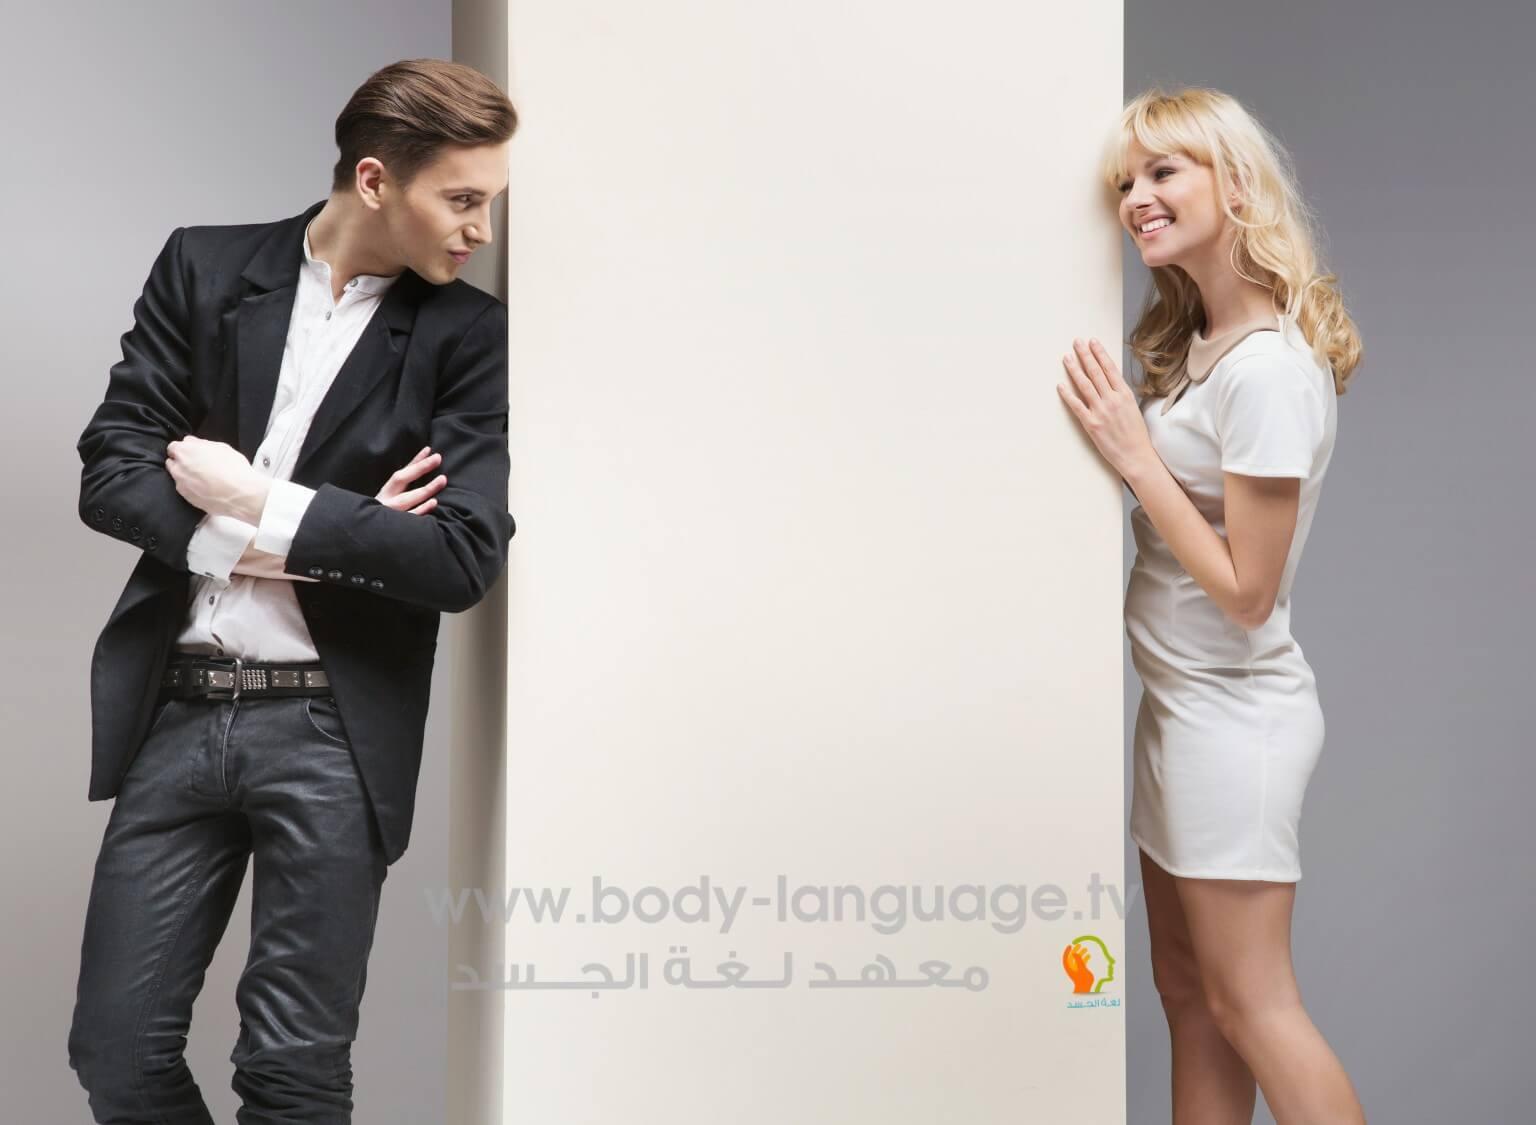 الاستعراض - لغة الجسد في الحب عند الرجل المحب و المعجب بالصور pdf